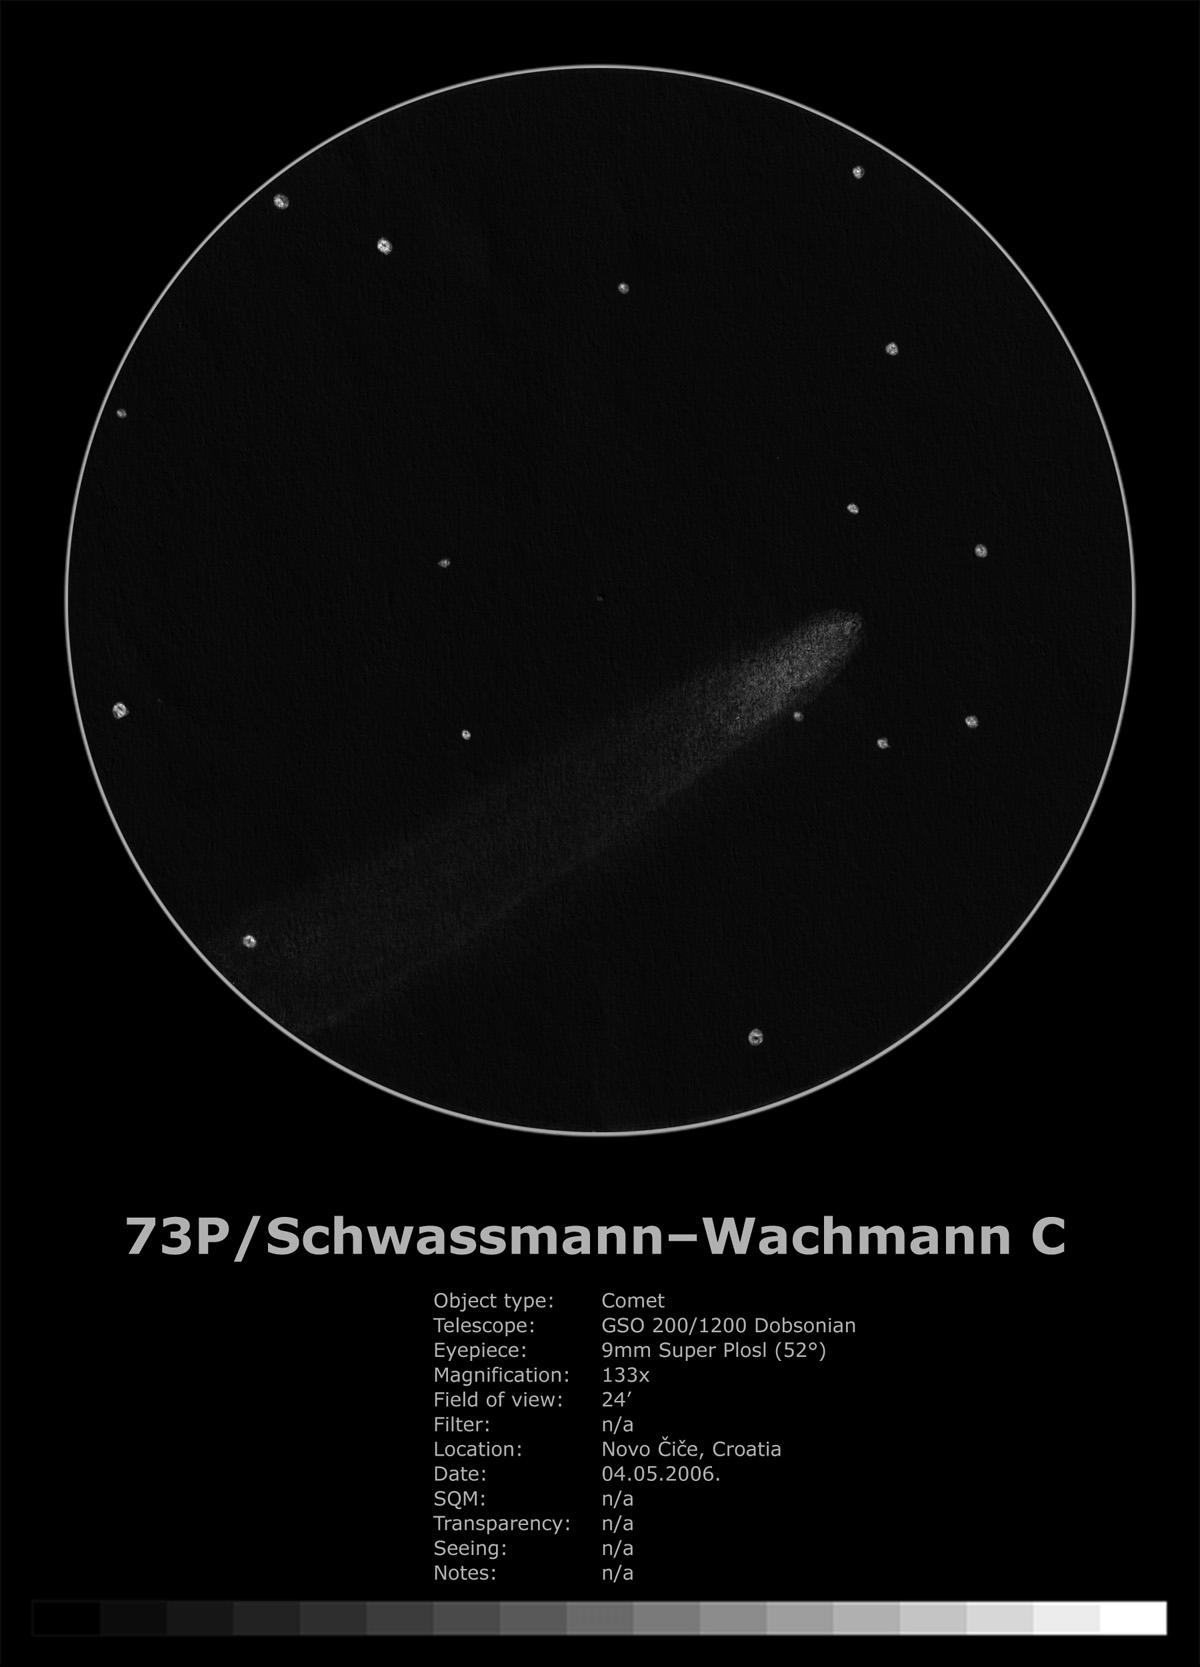 73P/Schwassmann–Wachmann B (2006)